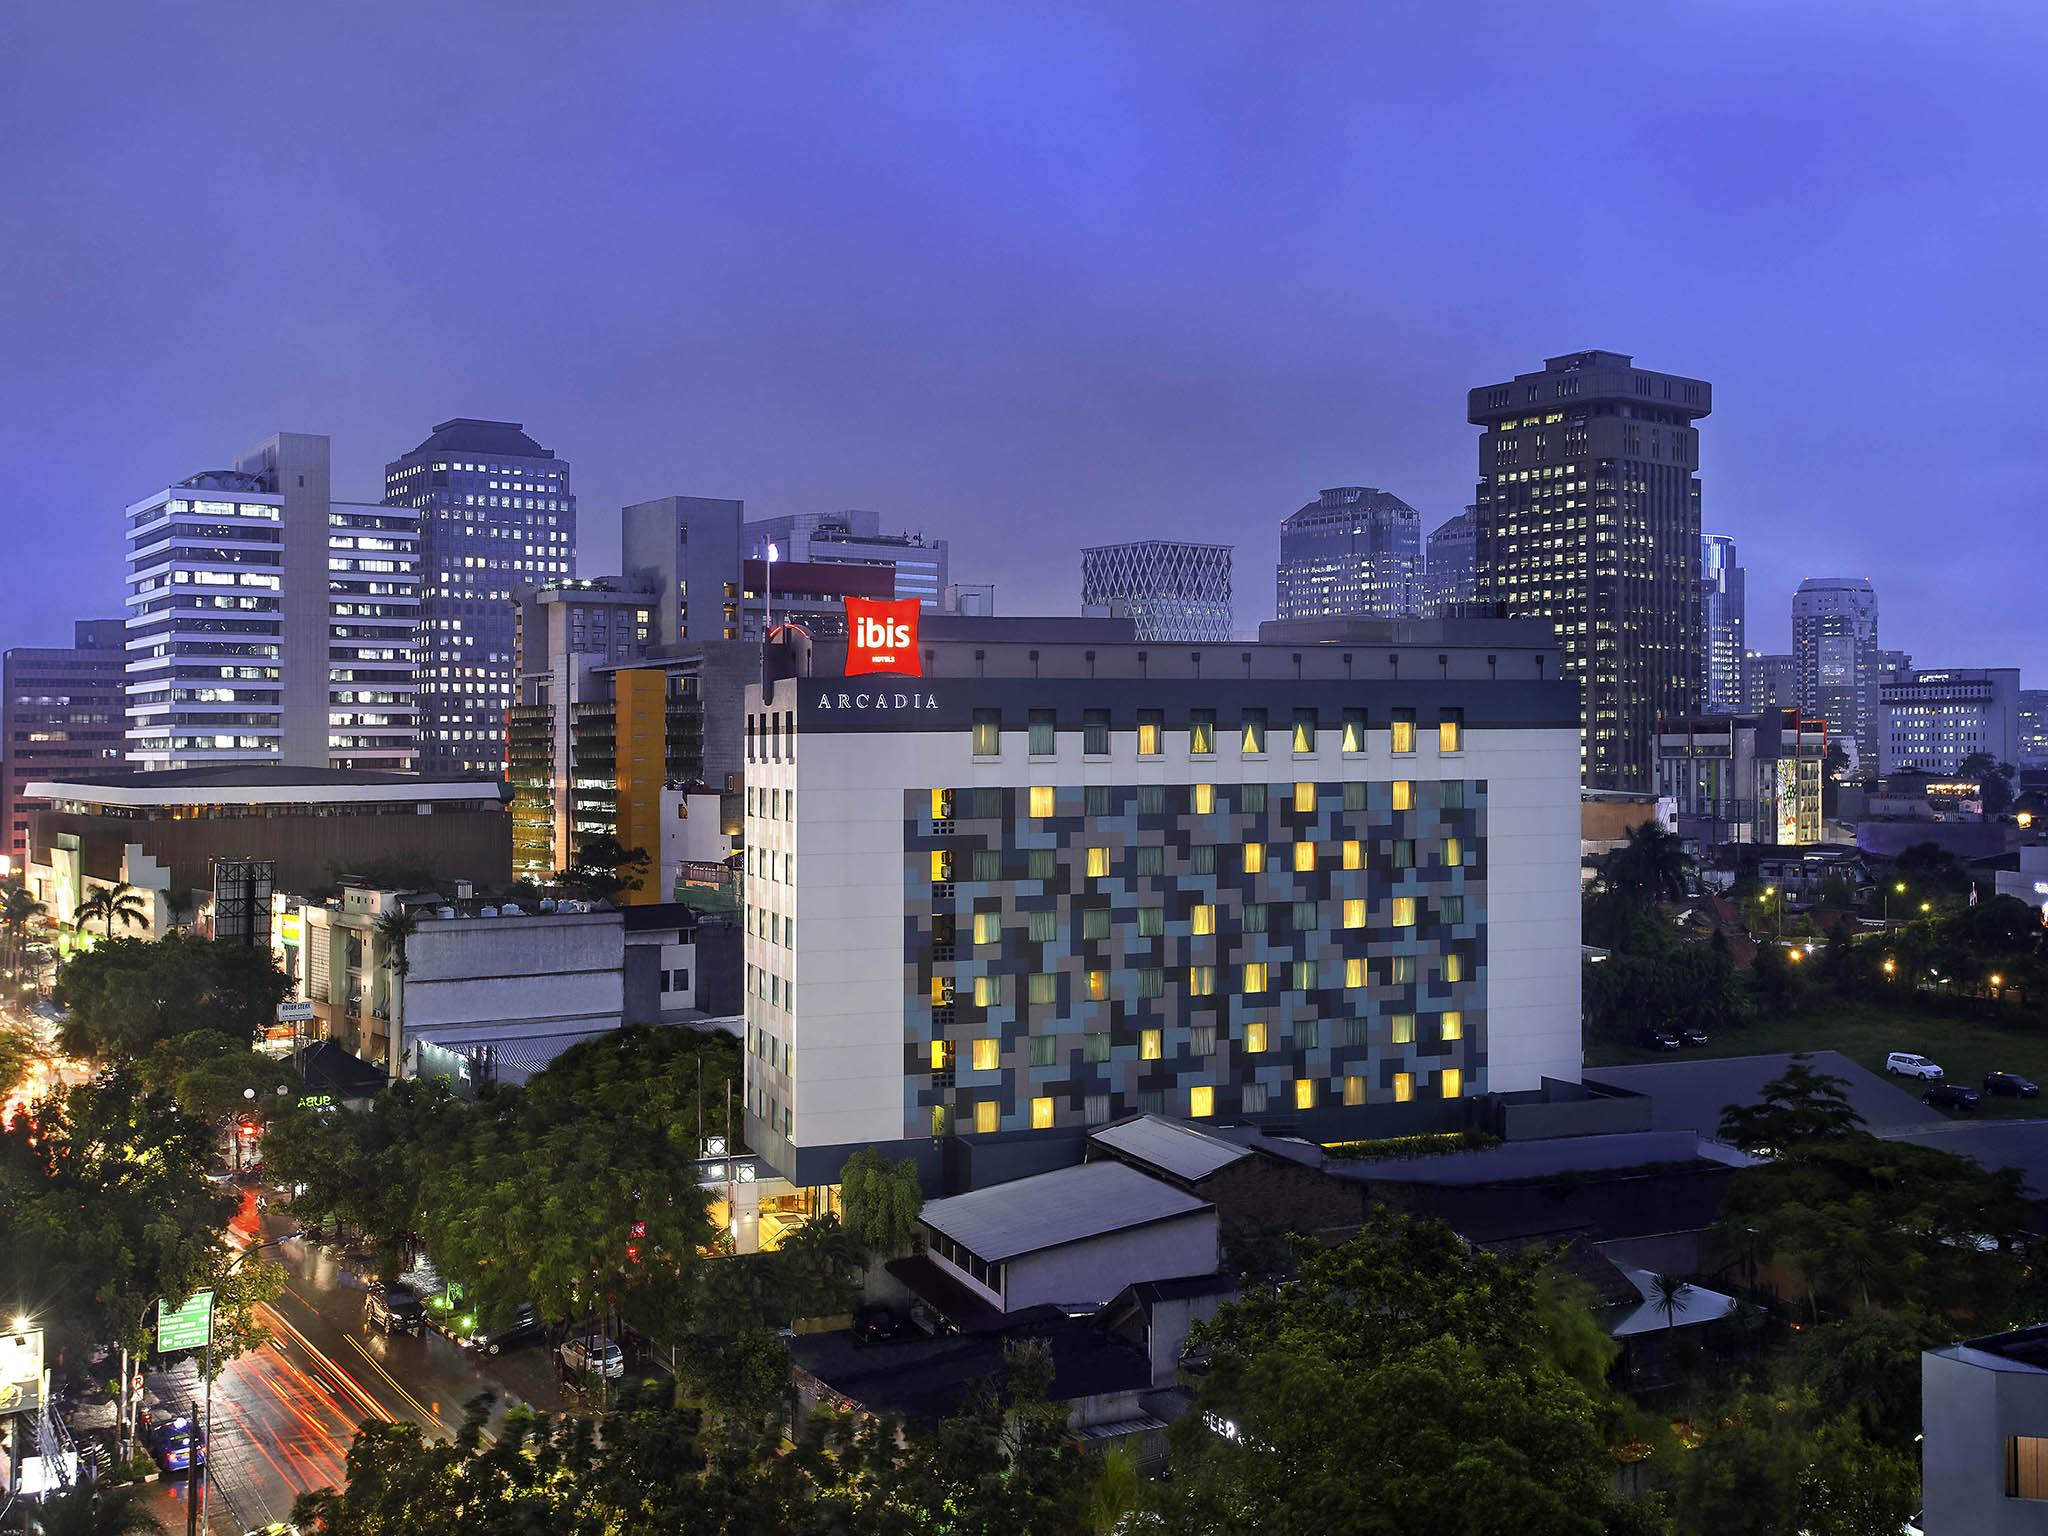 酒店 – 宜必思雅加达阿卡迪亚酒店